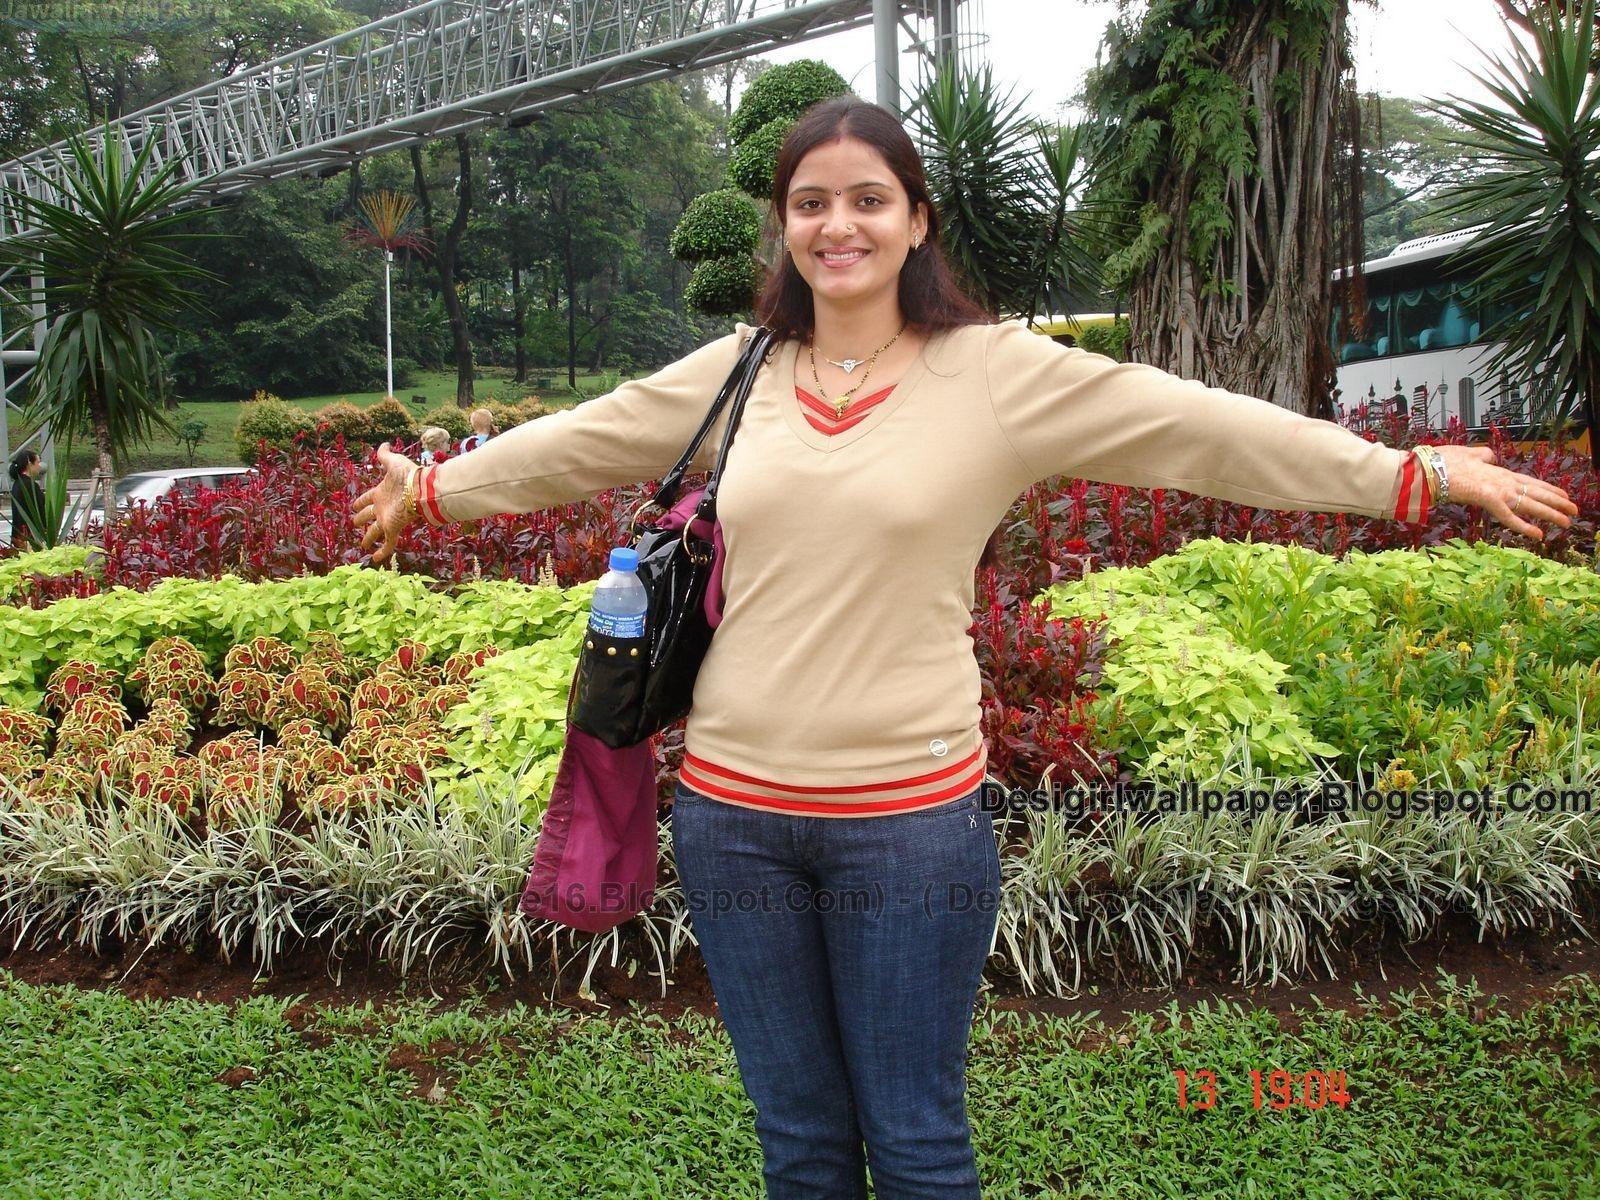 http://1.bp.blogspot.com/-oxtOxaYXYwk/T-Mvy-TKxZI/AAAAAAAAJXk/41Y4eeoMB_4/s1600/DSC04011(Jawalia.Wen9.Org)-(Desigirlwallpaper.blogspot.com).jpg